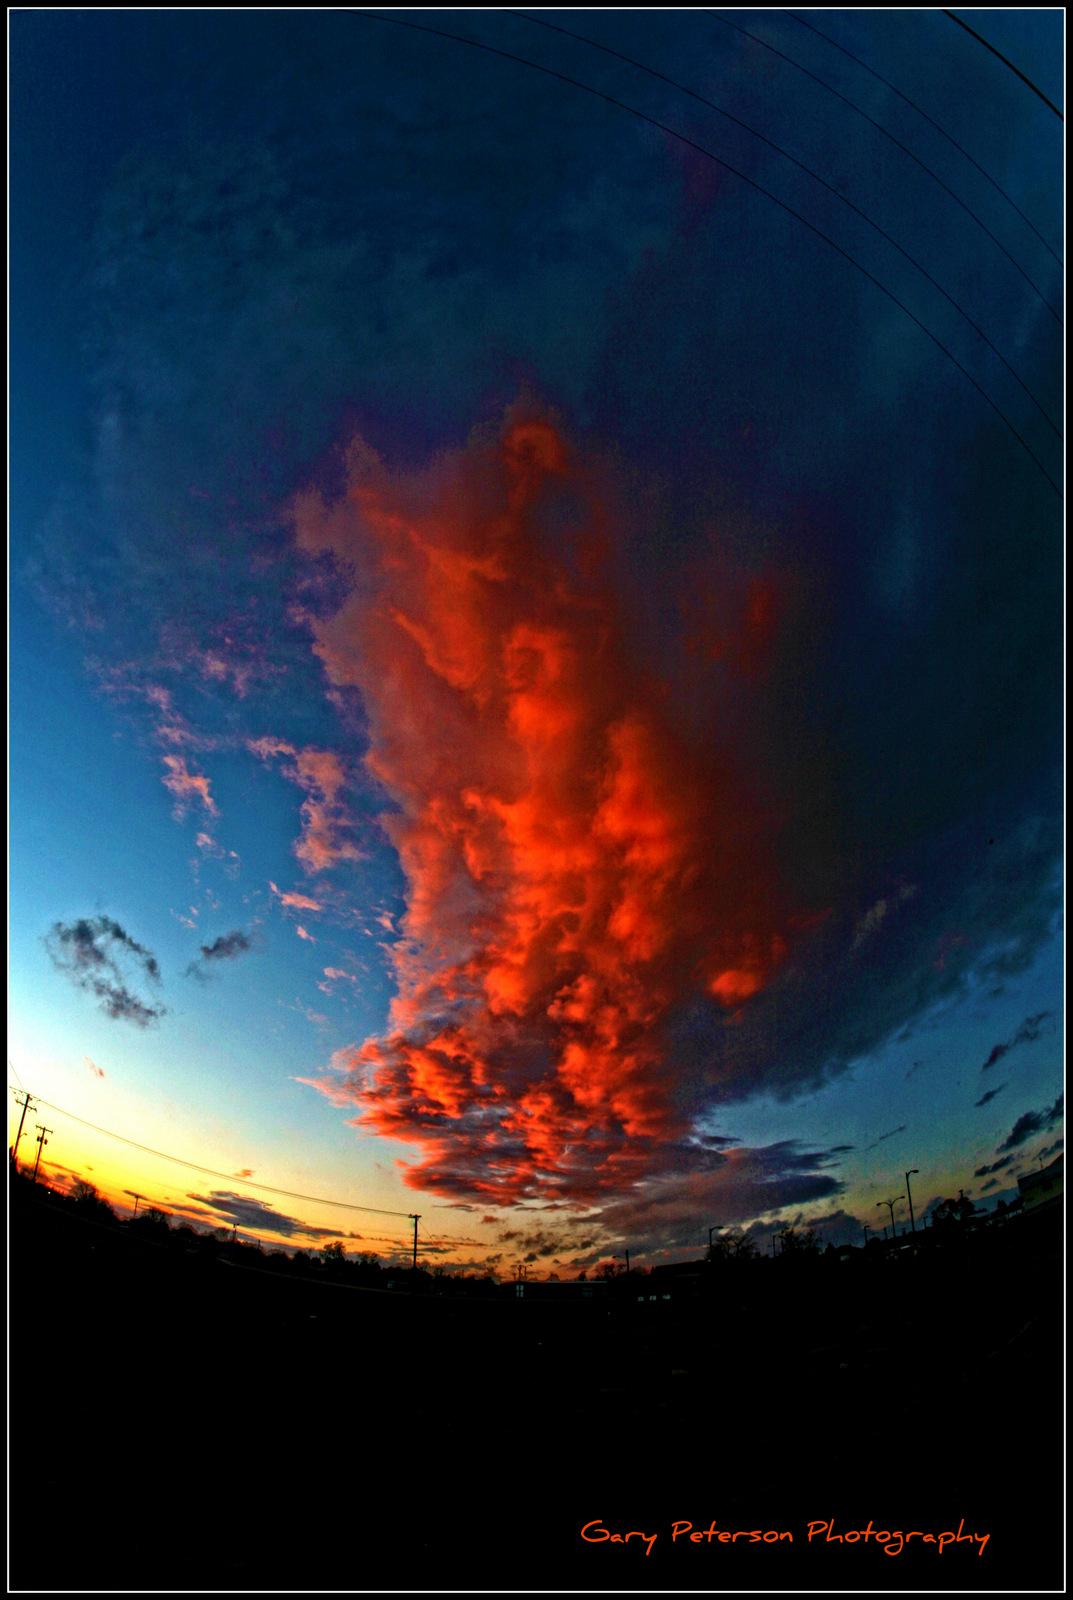 094-1-hillyard sky.jpg